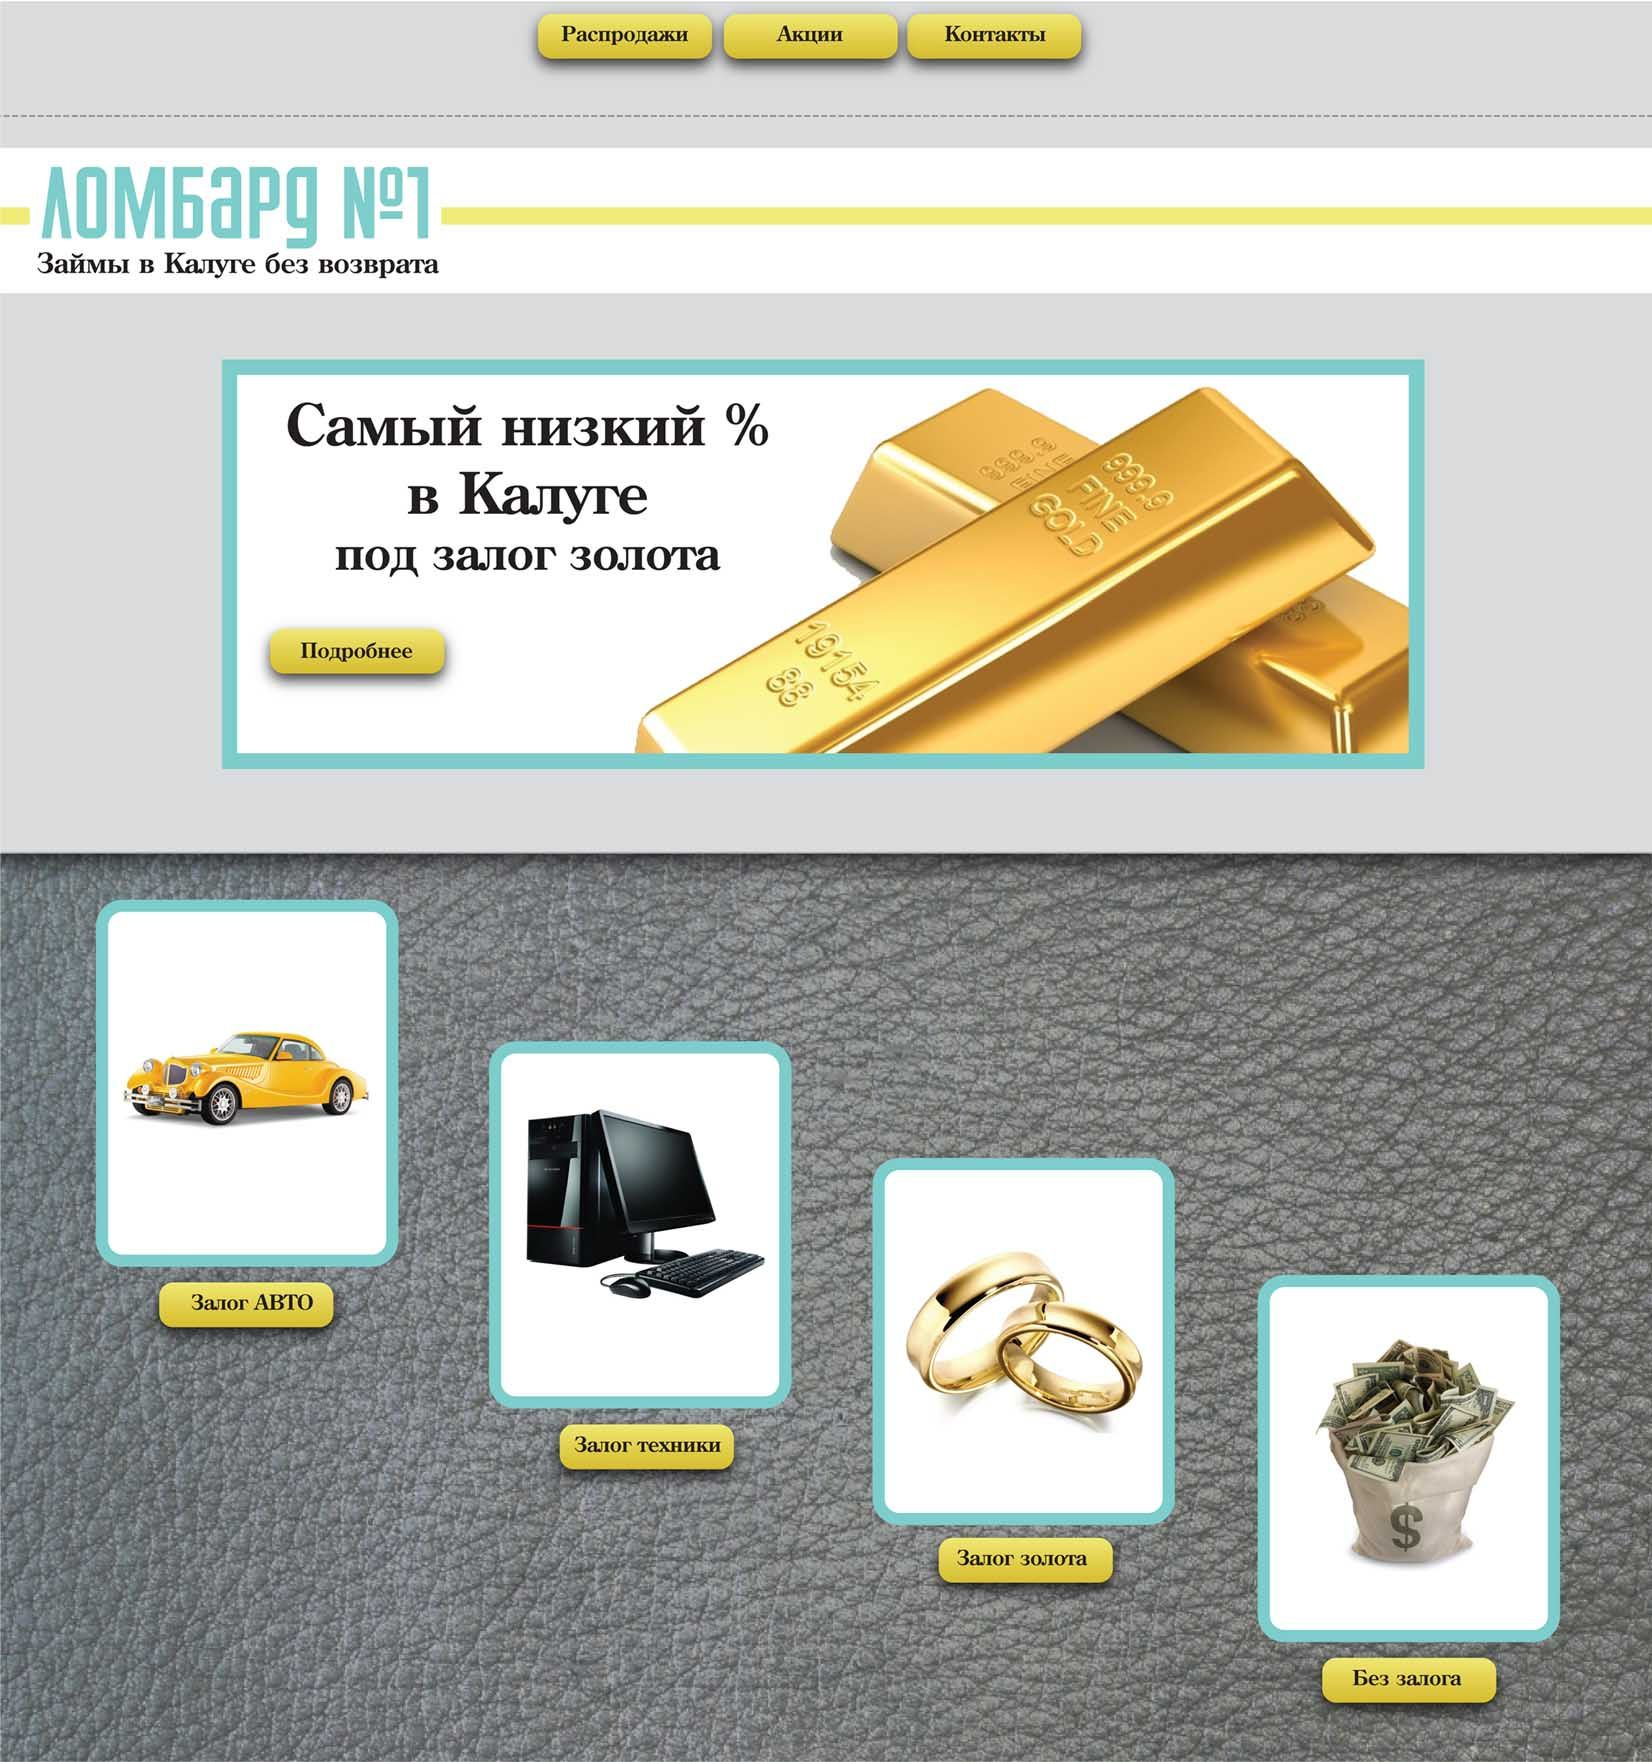 Дизайн главной страницы сайта Ломбард №1 - дизайнер Ravenrowan